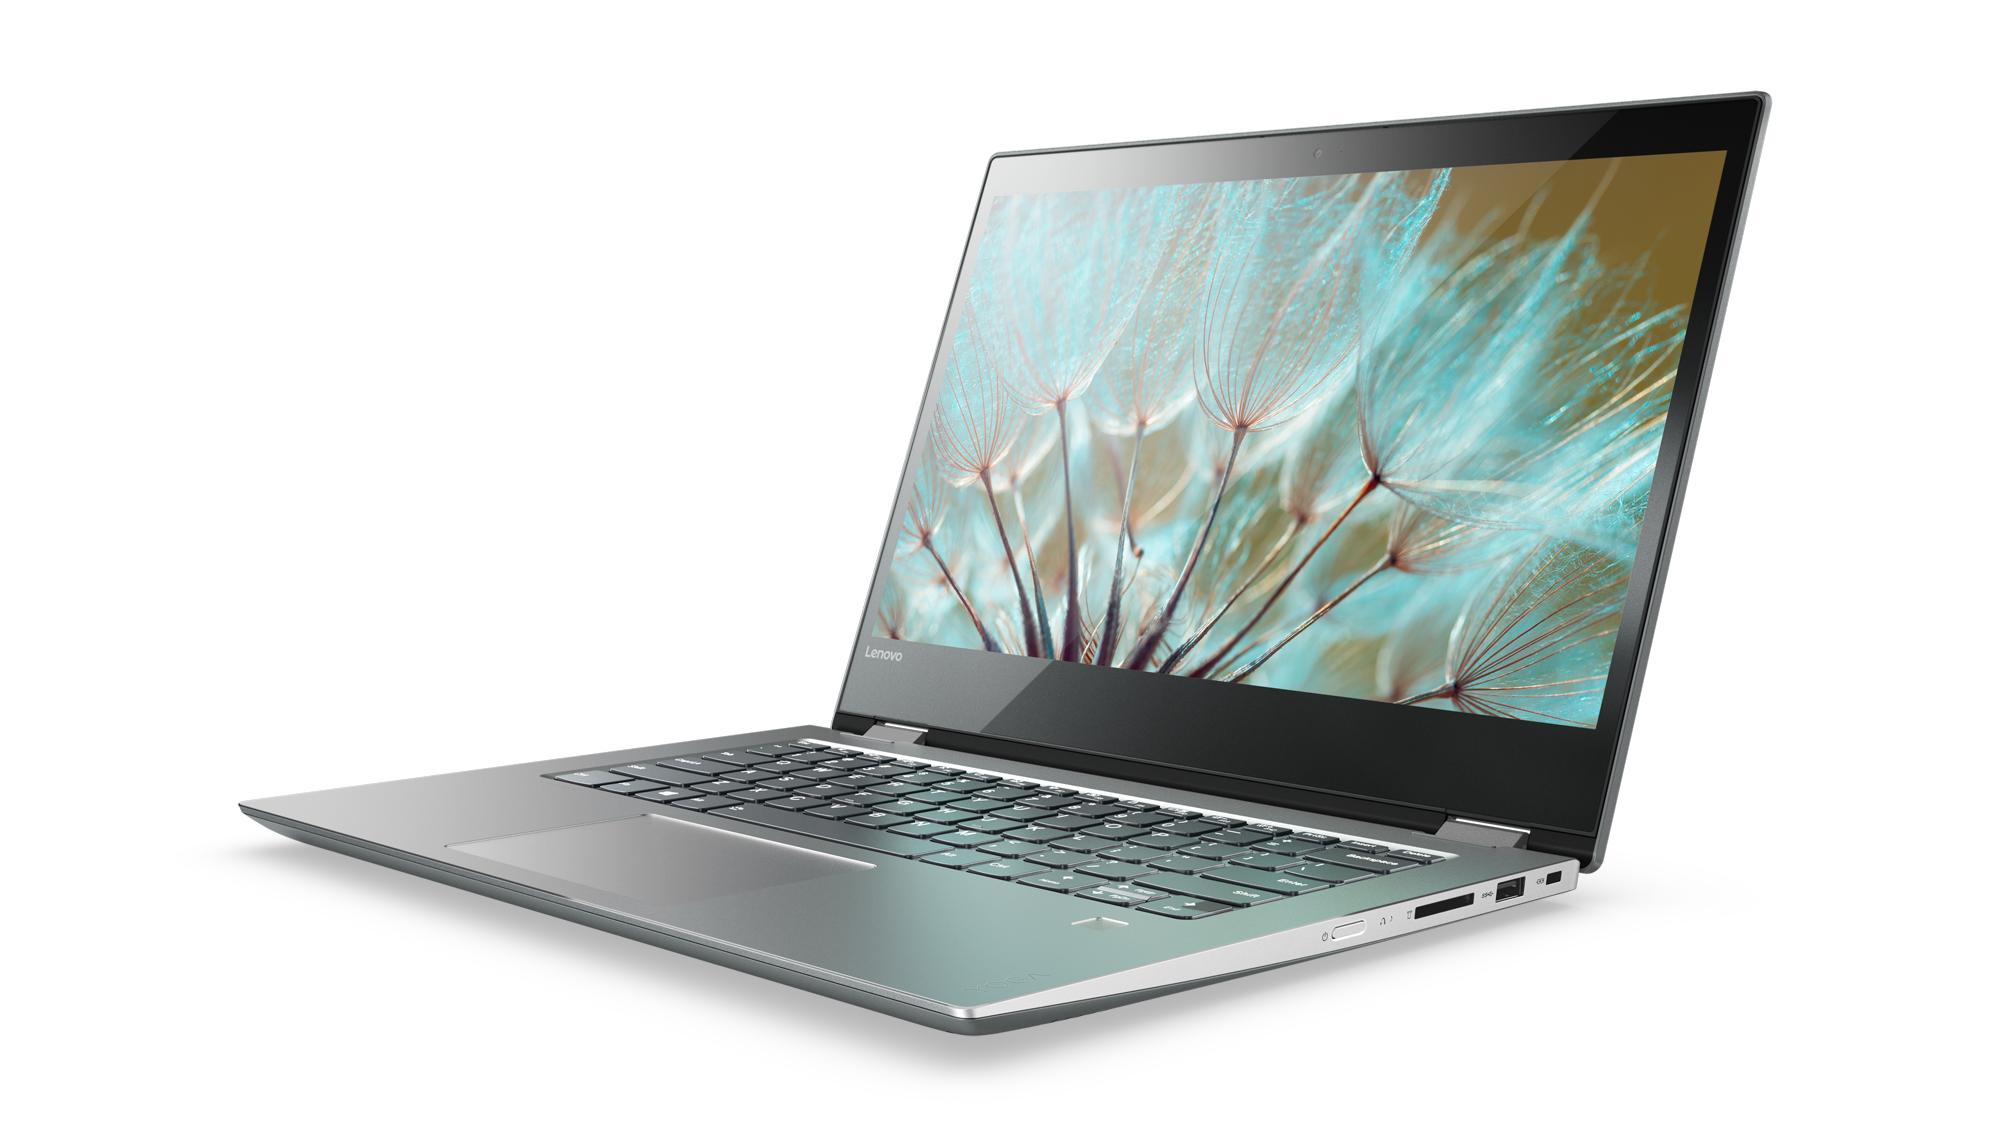 """Lenovo YOGA 520-14IKB i5-7200U 3,10GHz/8GB/SSD 256GB/14"""" FHD/IPS/AG/multitouch/GeForce 2GB/FPR/WIN10 šedá 80X8005FCK"""